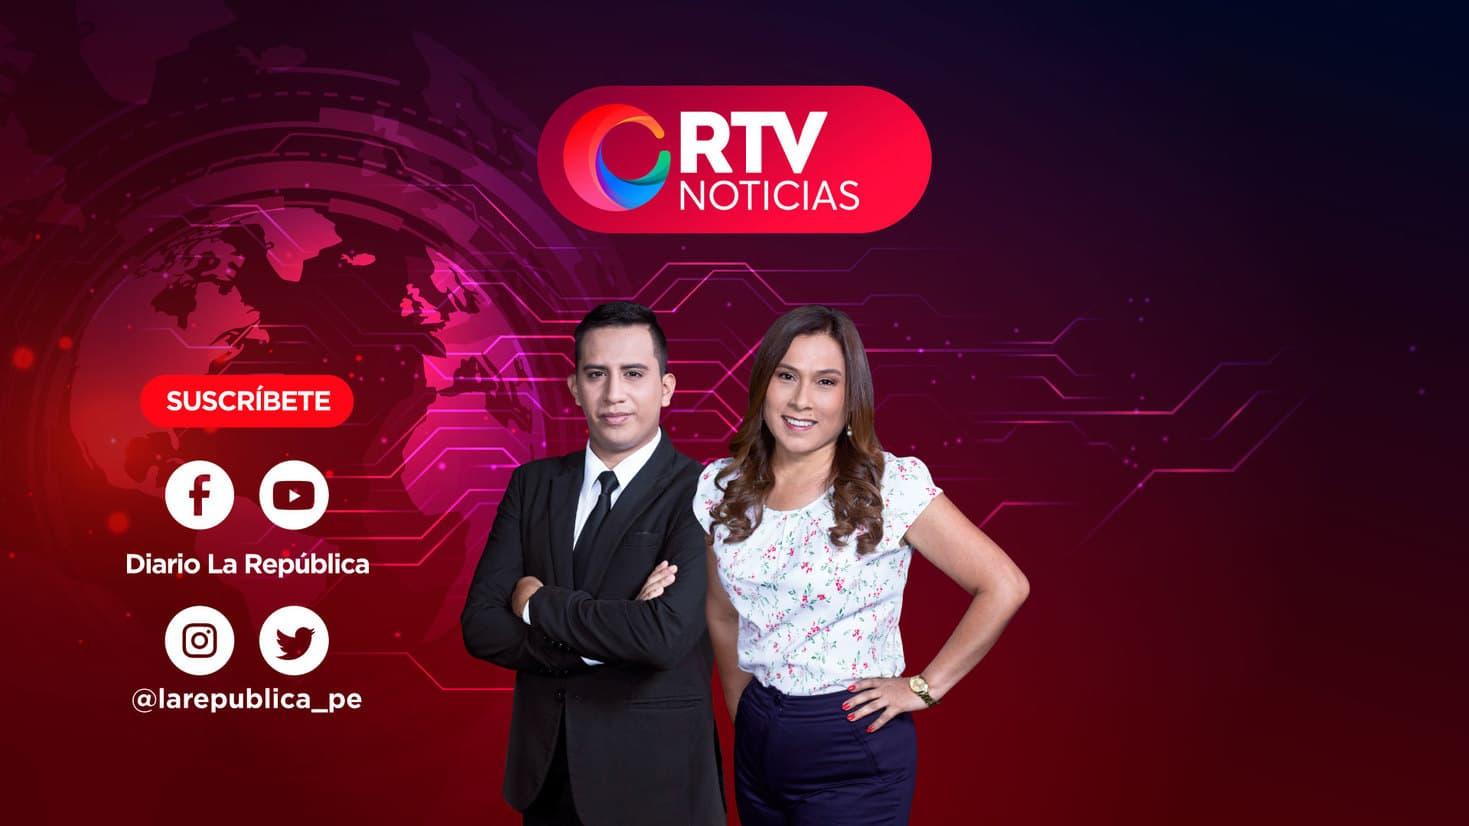 Vizcarra: Vuelos internacionales se reanudan el 5 de octubre - RTV Noticias